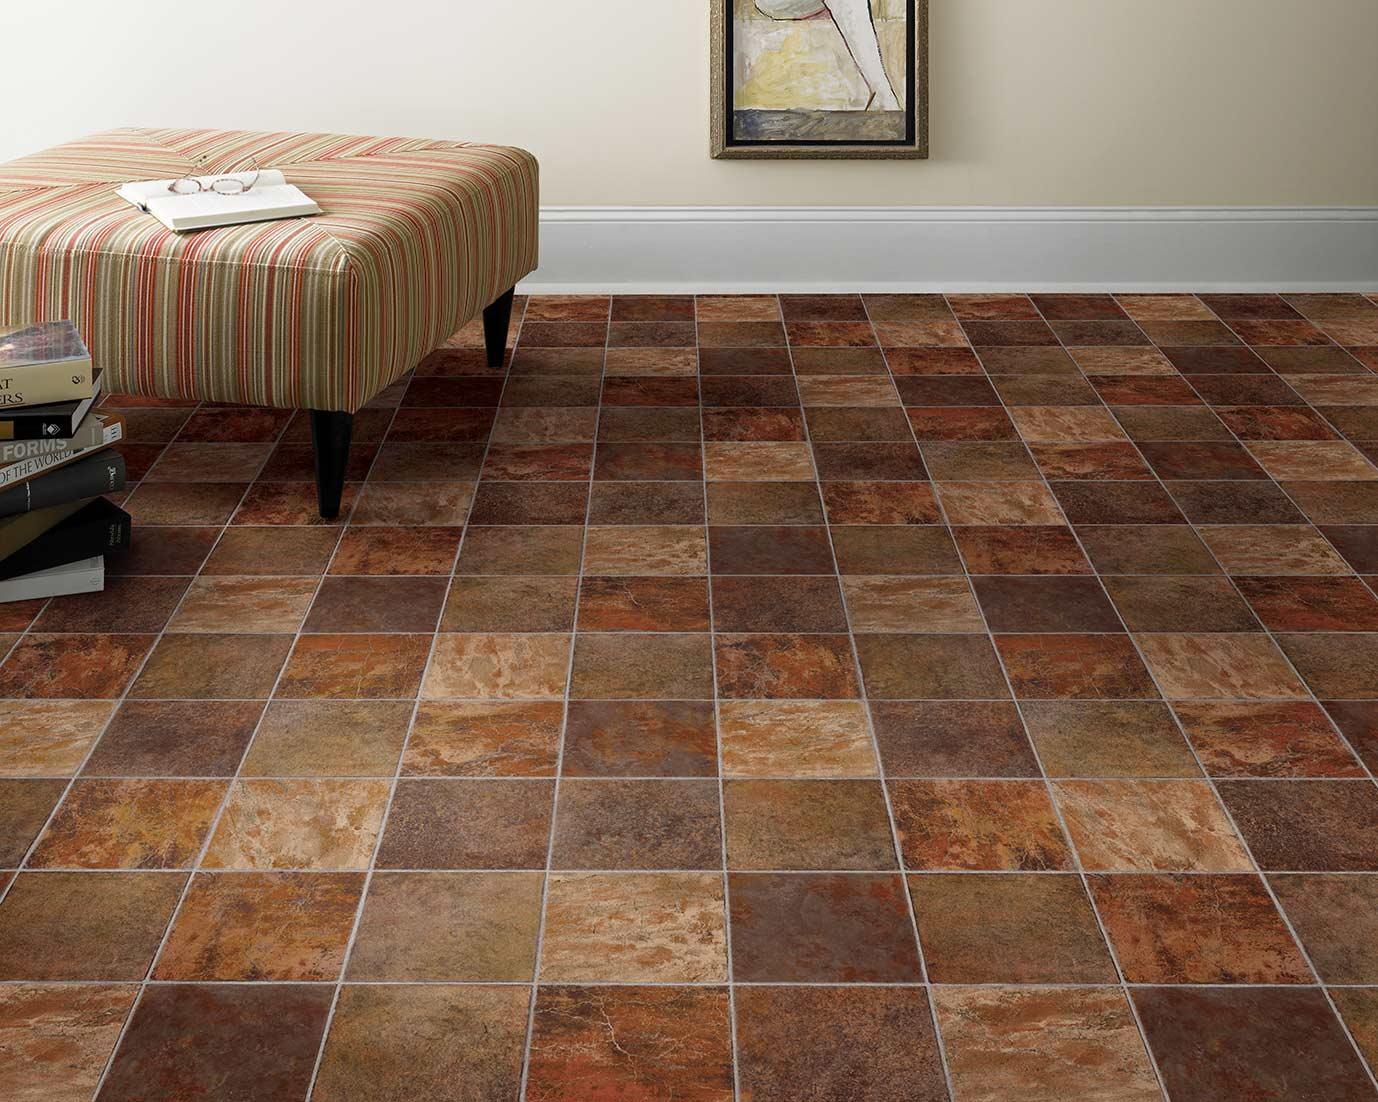 Tiles for house flooring